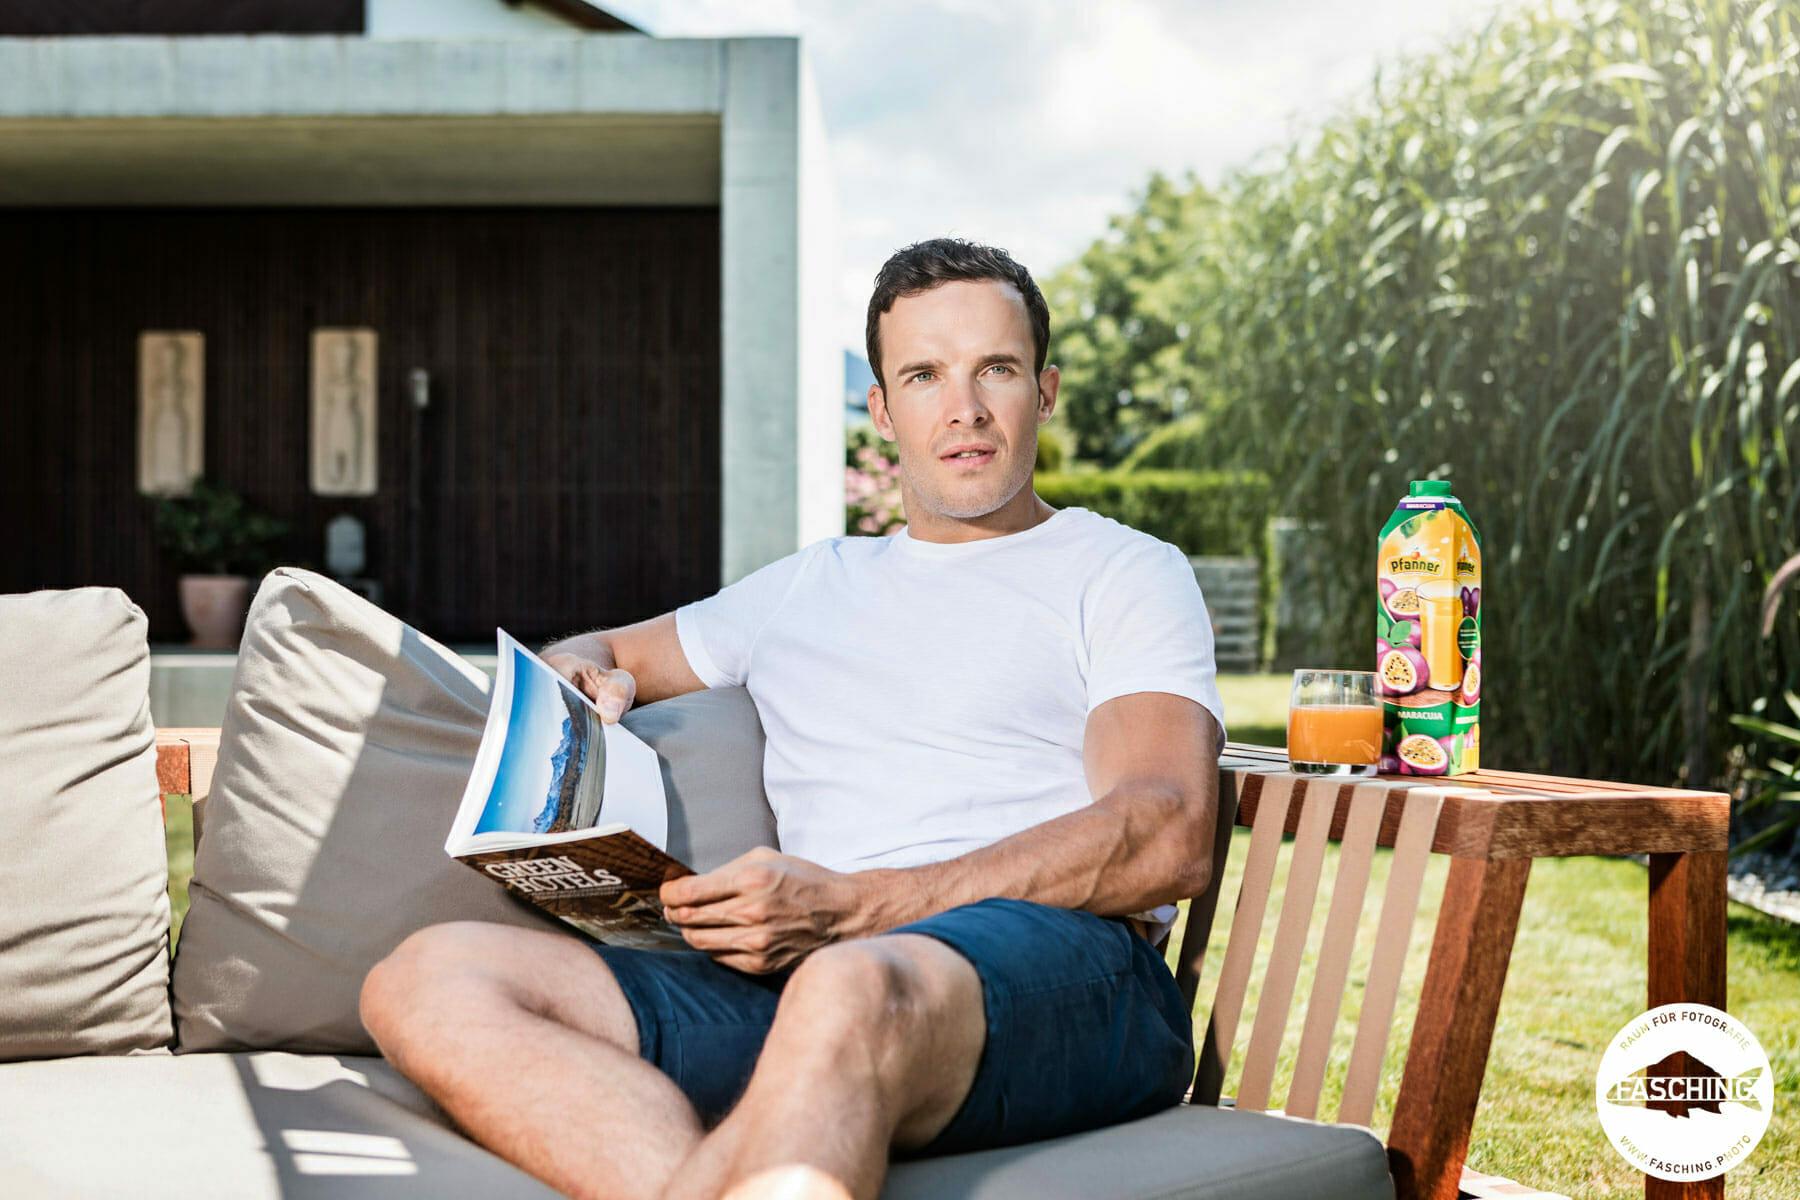 Die Produktfotografen Reinhard und Luca Fasching schossen die Werbeaufnahmen für Pfanner Fruchtsaft mit Christof Innerhofer